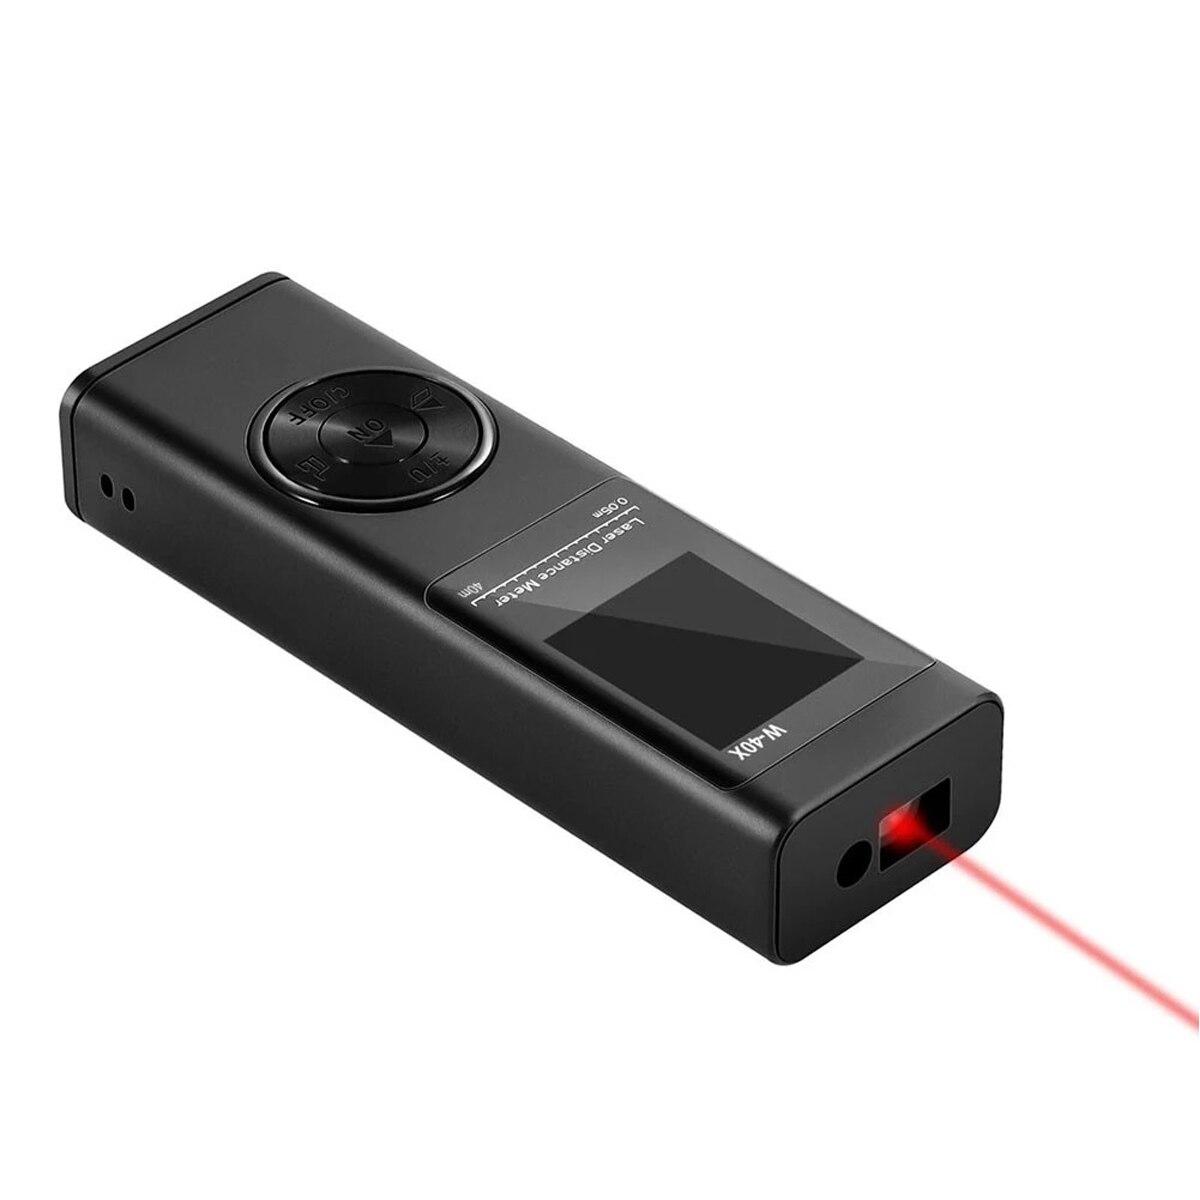 Мини лазерный дальномер 40/60/80M лазерный дальномер Дальномер Лента дальномер измеритель сборка устройства линейка Тесты инструменты